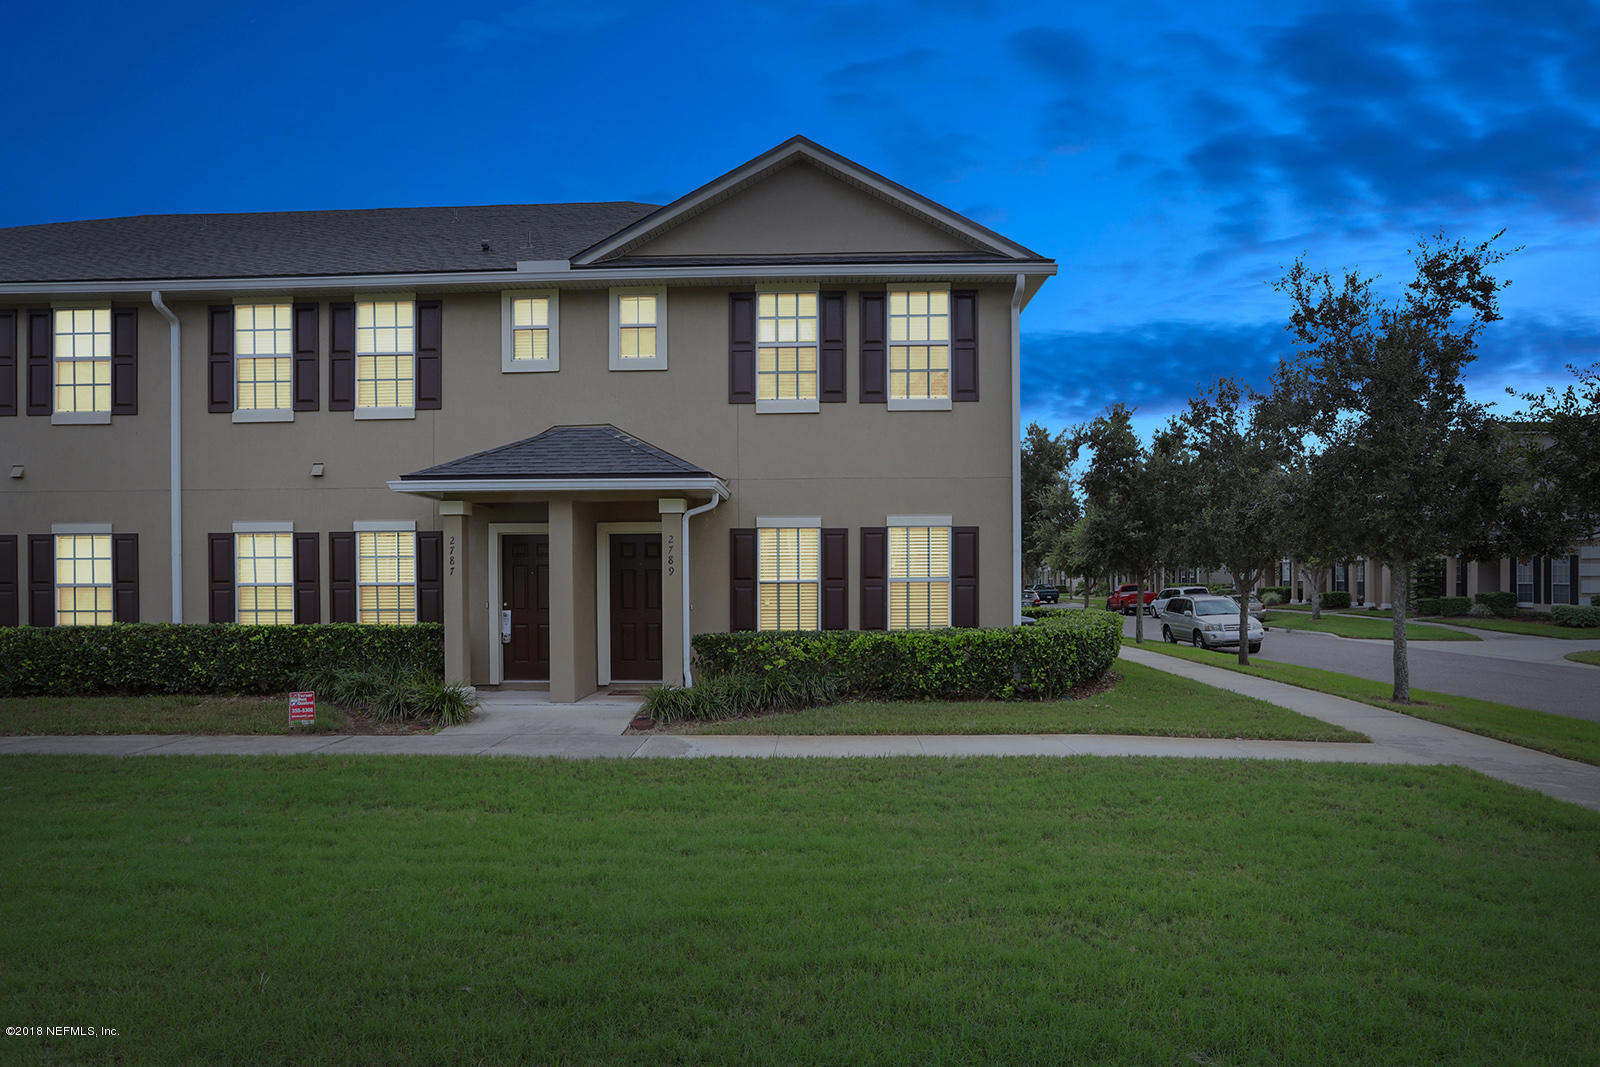 2789 SPENCER PLANTATION, ORANGE PARK, FLORIDA 32073, 4 Bedrooms Bedrooms, ,2 BathroomsBathrooms,Residential - townhome,For sale,SPENCER PLANTATION,966768